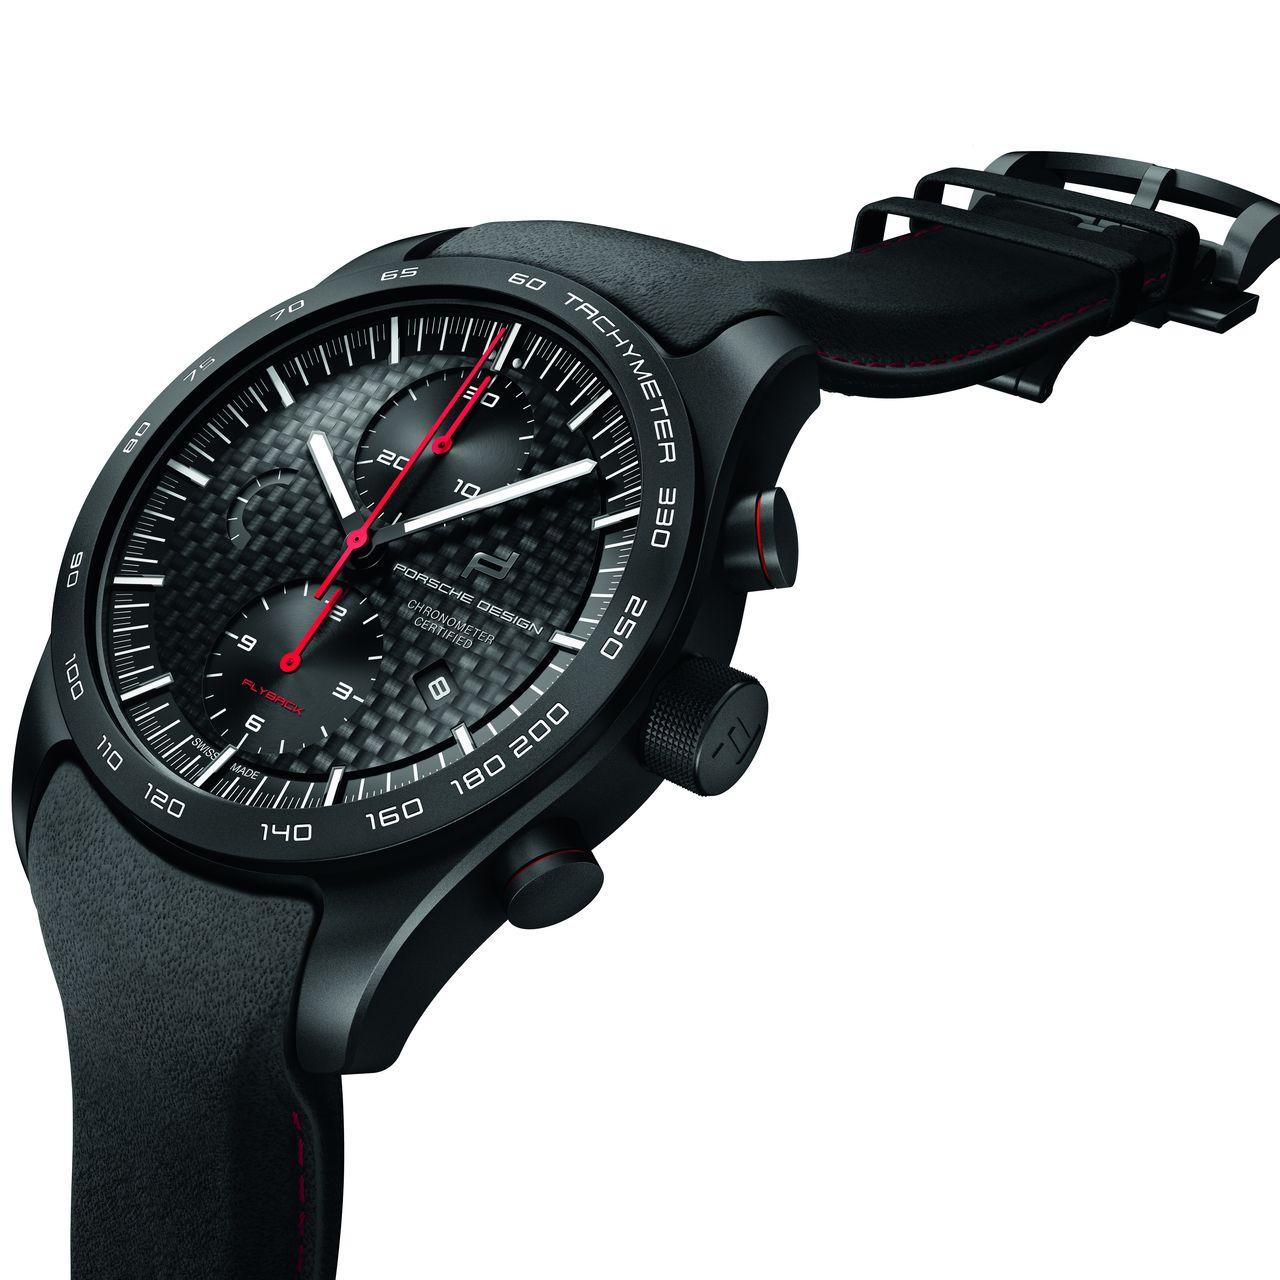 Porsche Design Chronotimer Flyback Special Edition - szokásos Porsche Design arculat: titán, fekete és kronográf